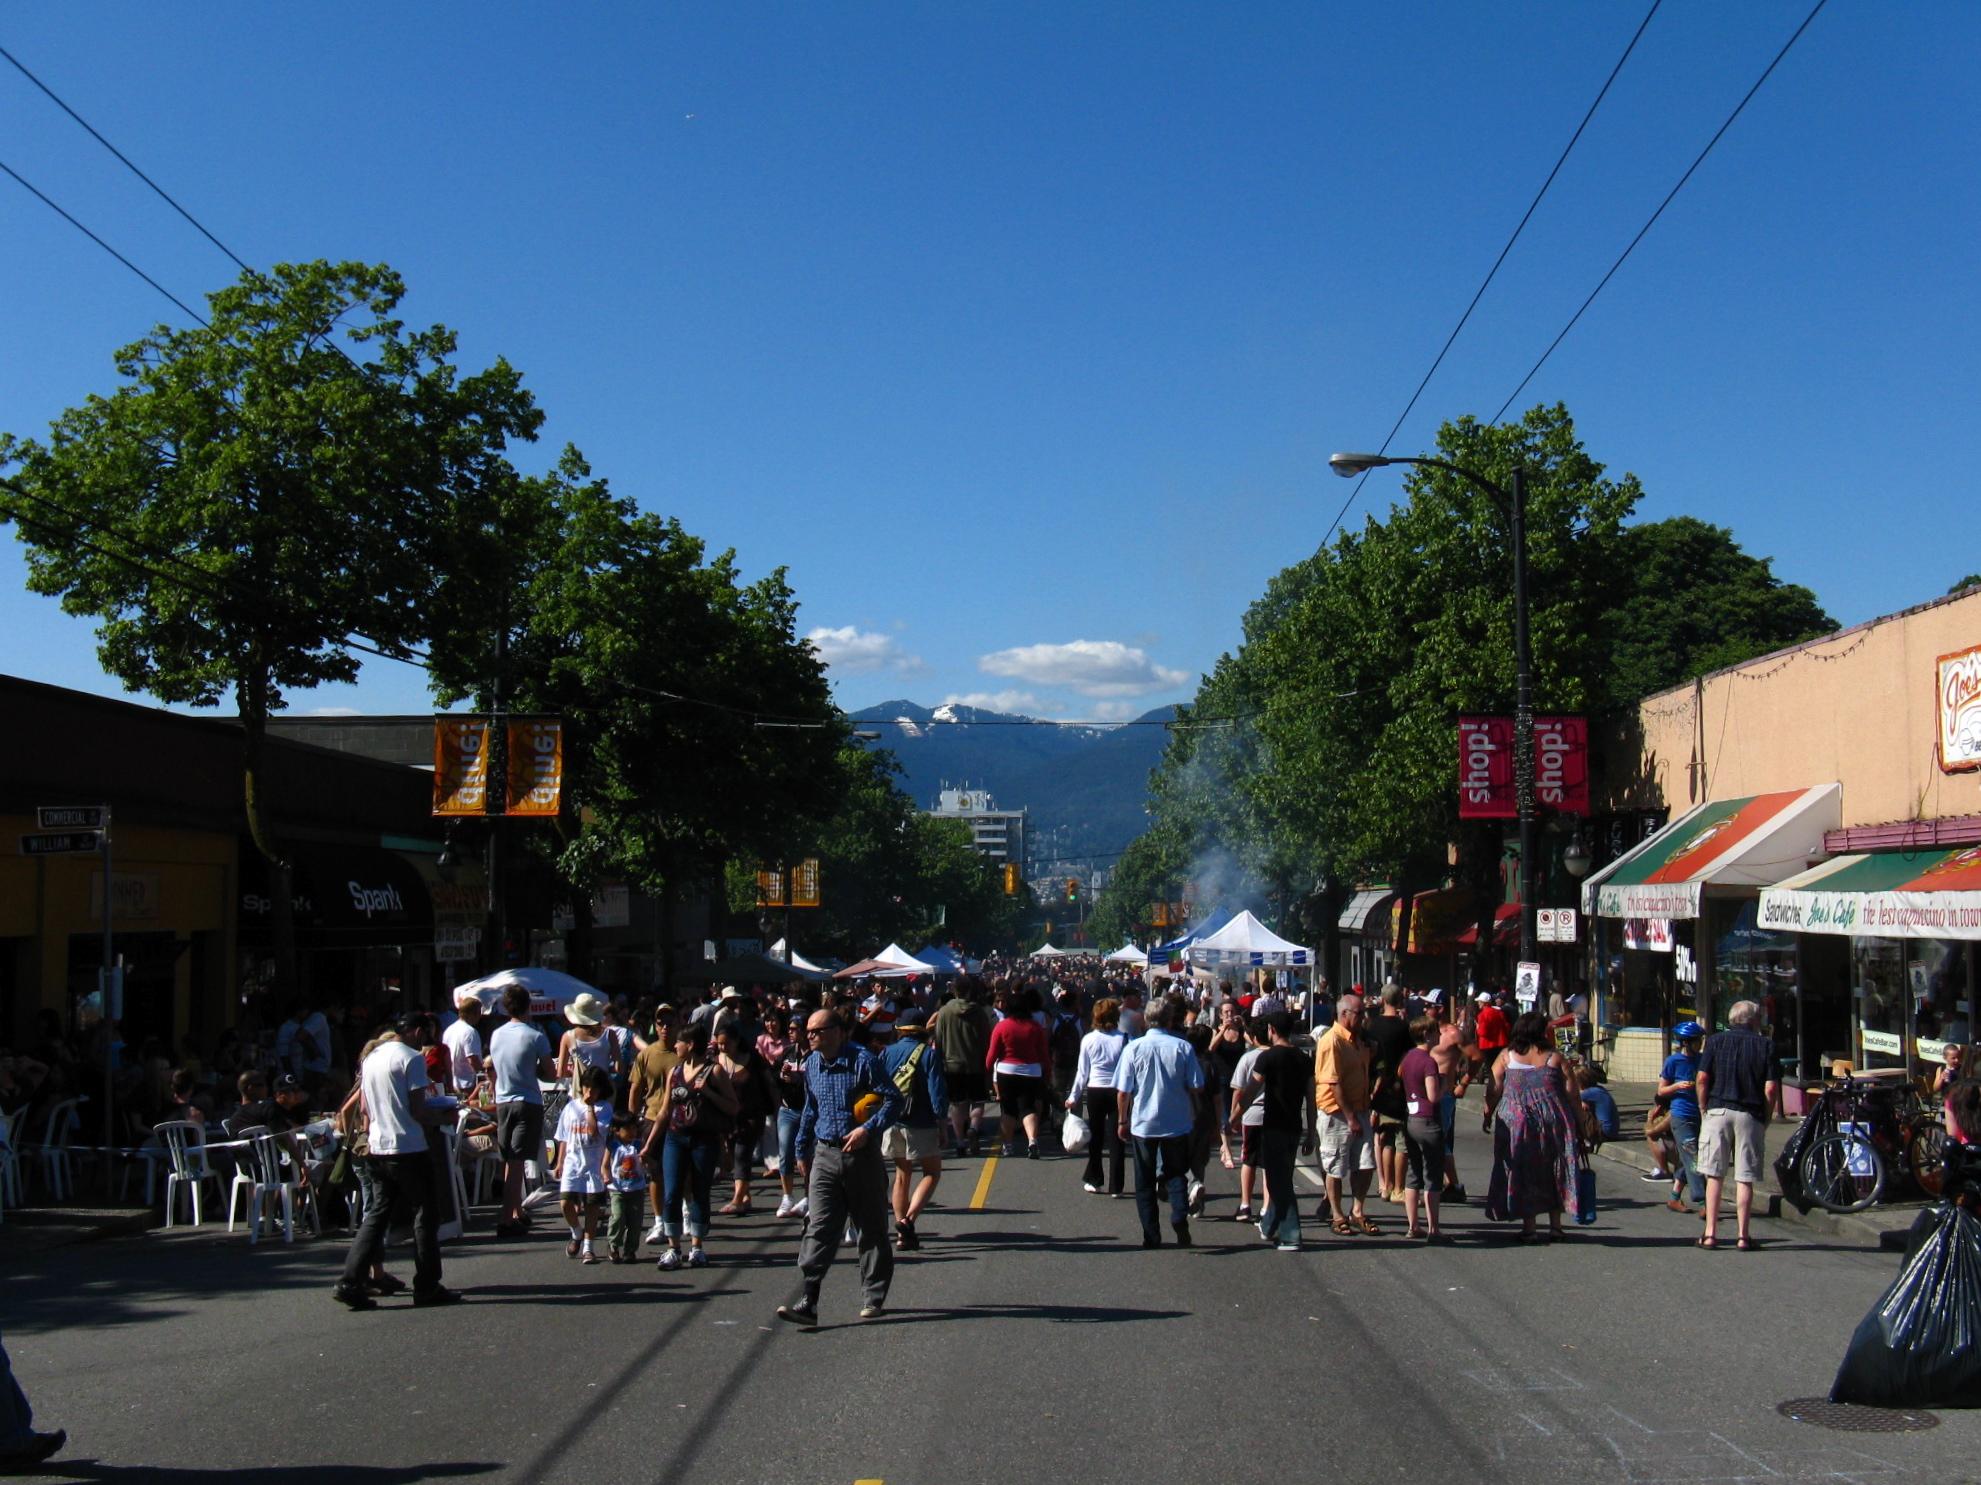 Car-free street (c) Dave O Flickr.com